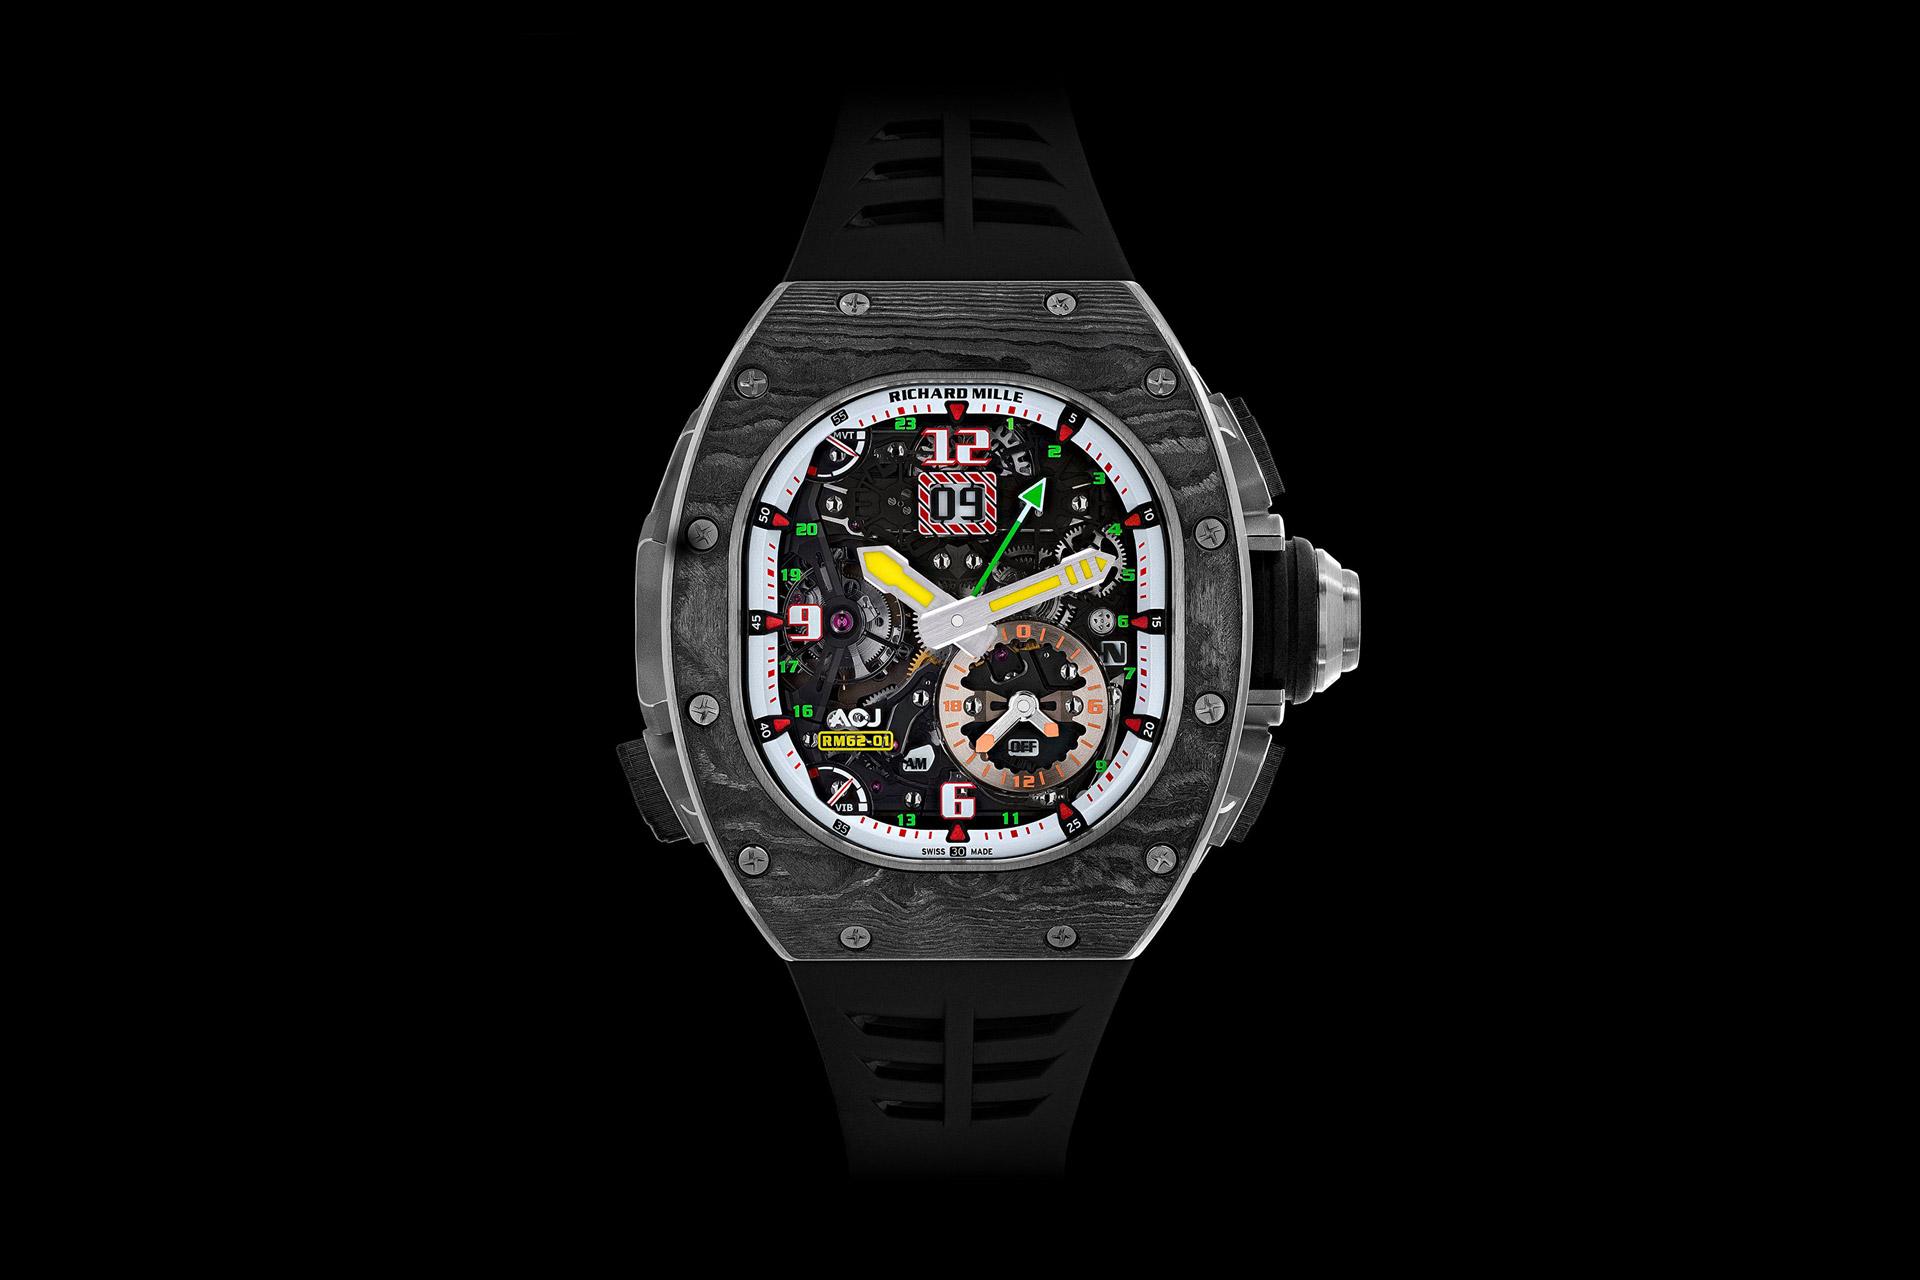 Richard Mille 62-01 ACJ Watch